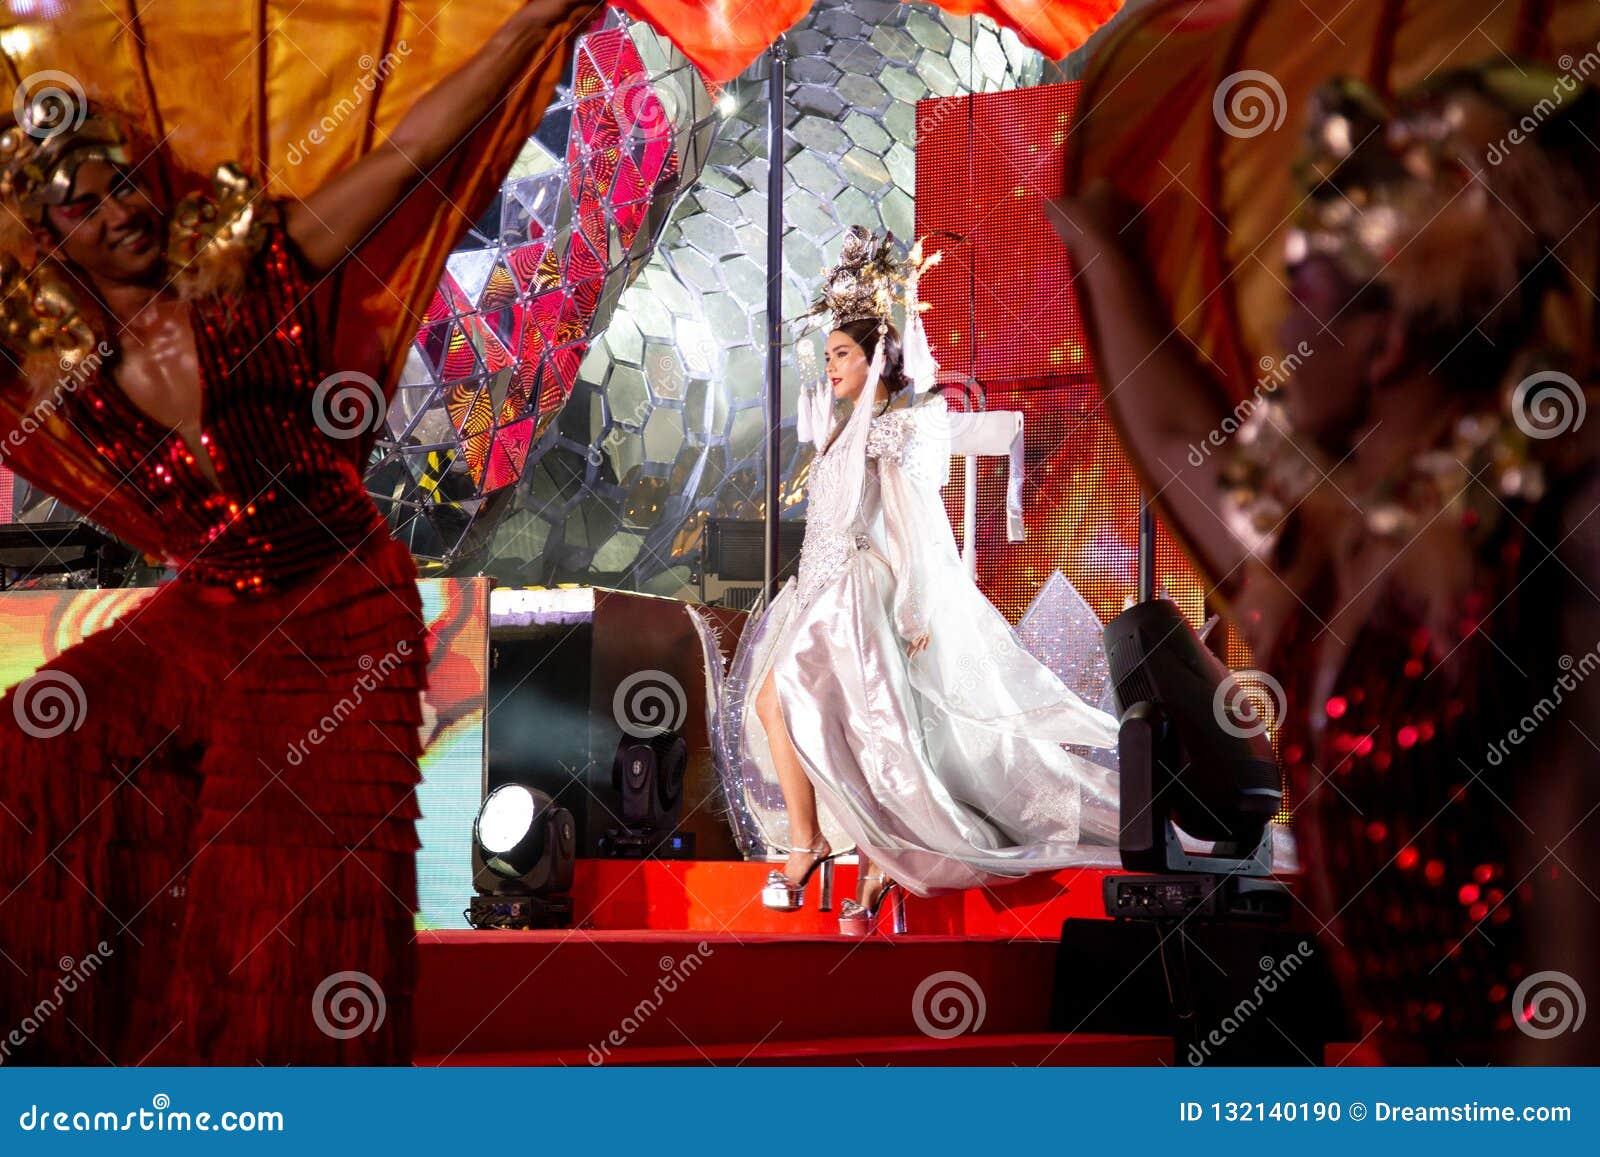 БАНГКОК, ТАИЛАНД - ФЕВРАЛЬ 2018: Китайское шоу торжества Нового Года на торговом центре EmQuartier и Emporium